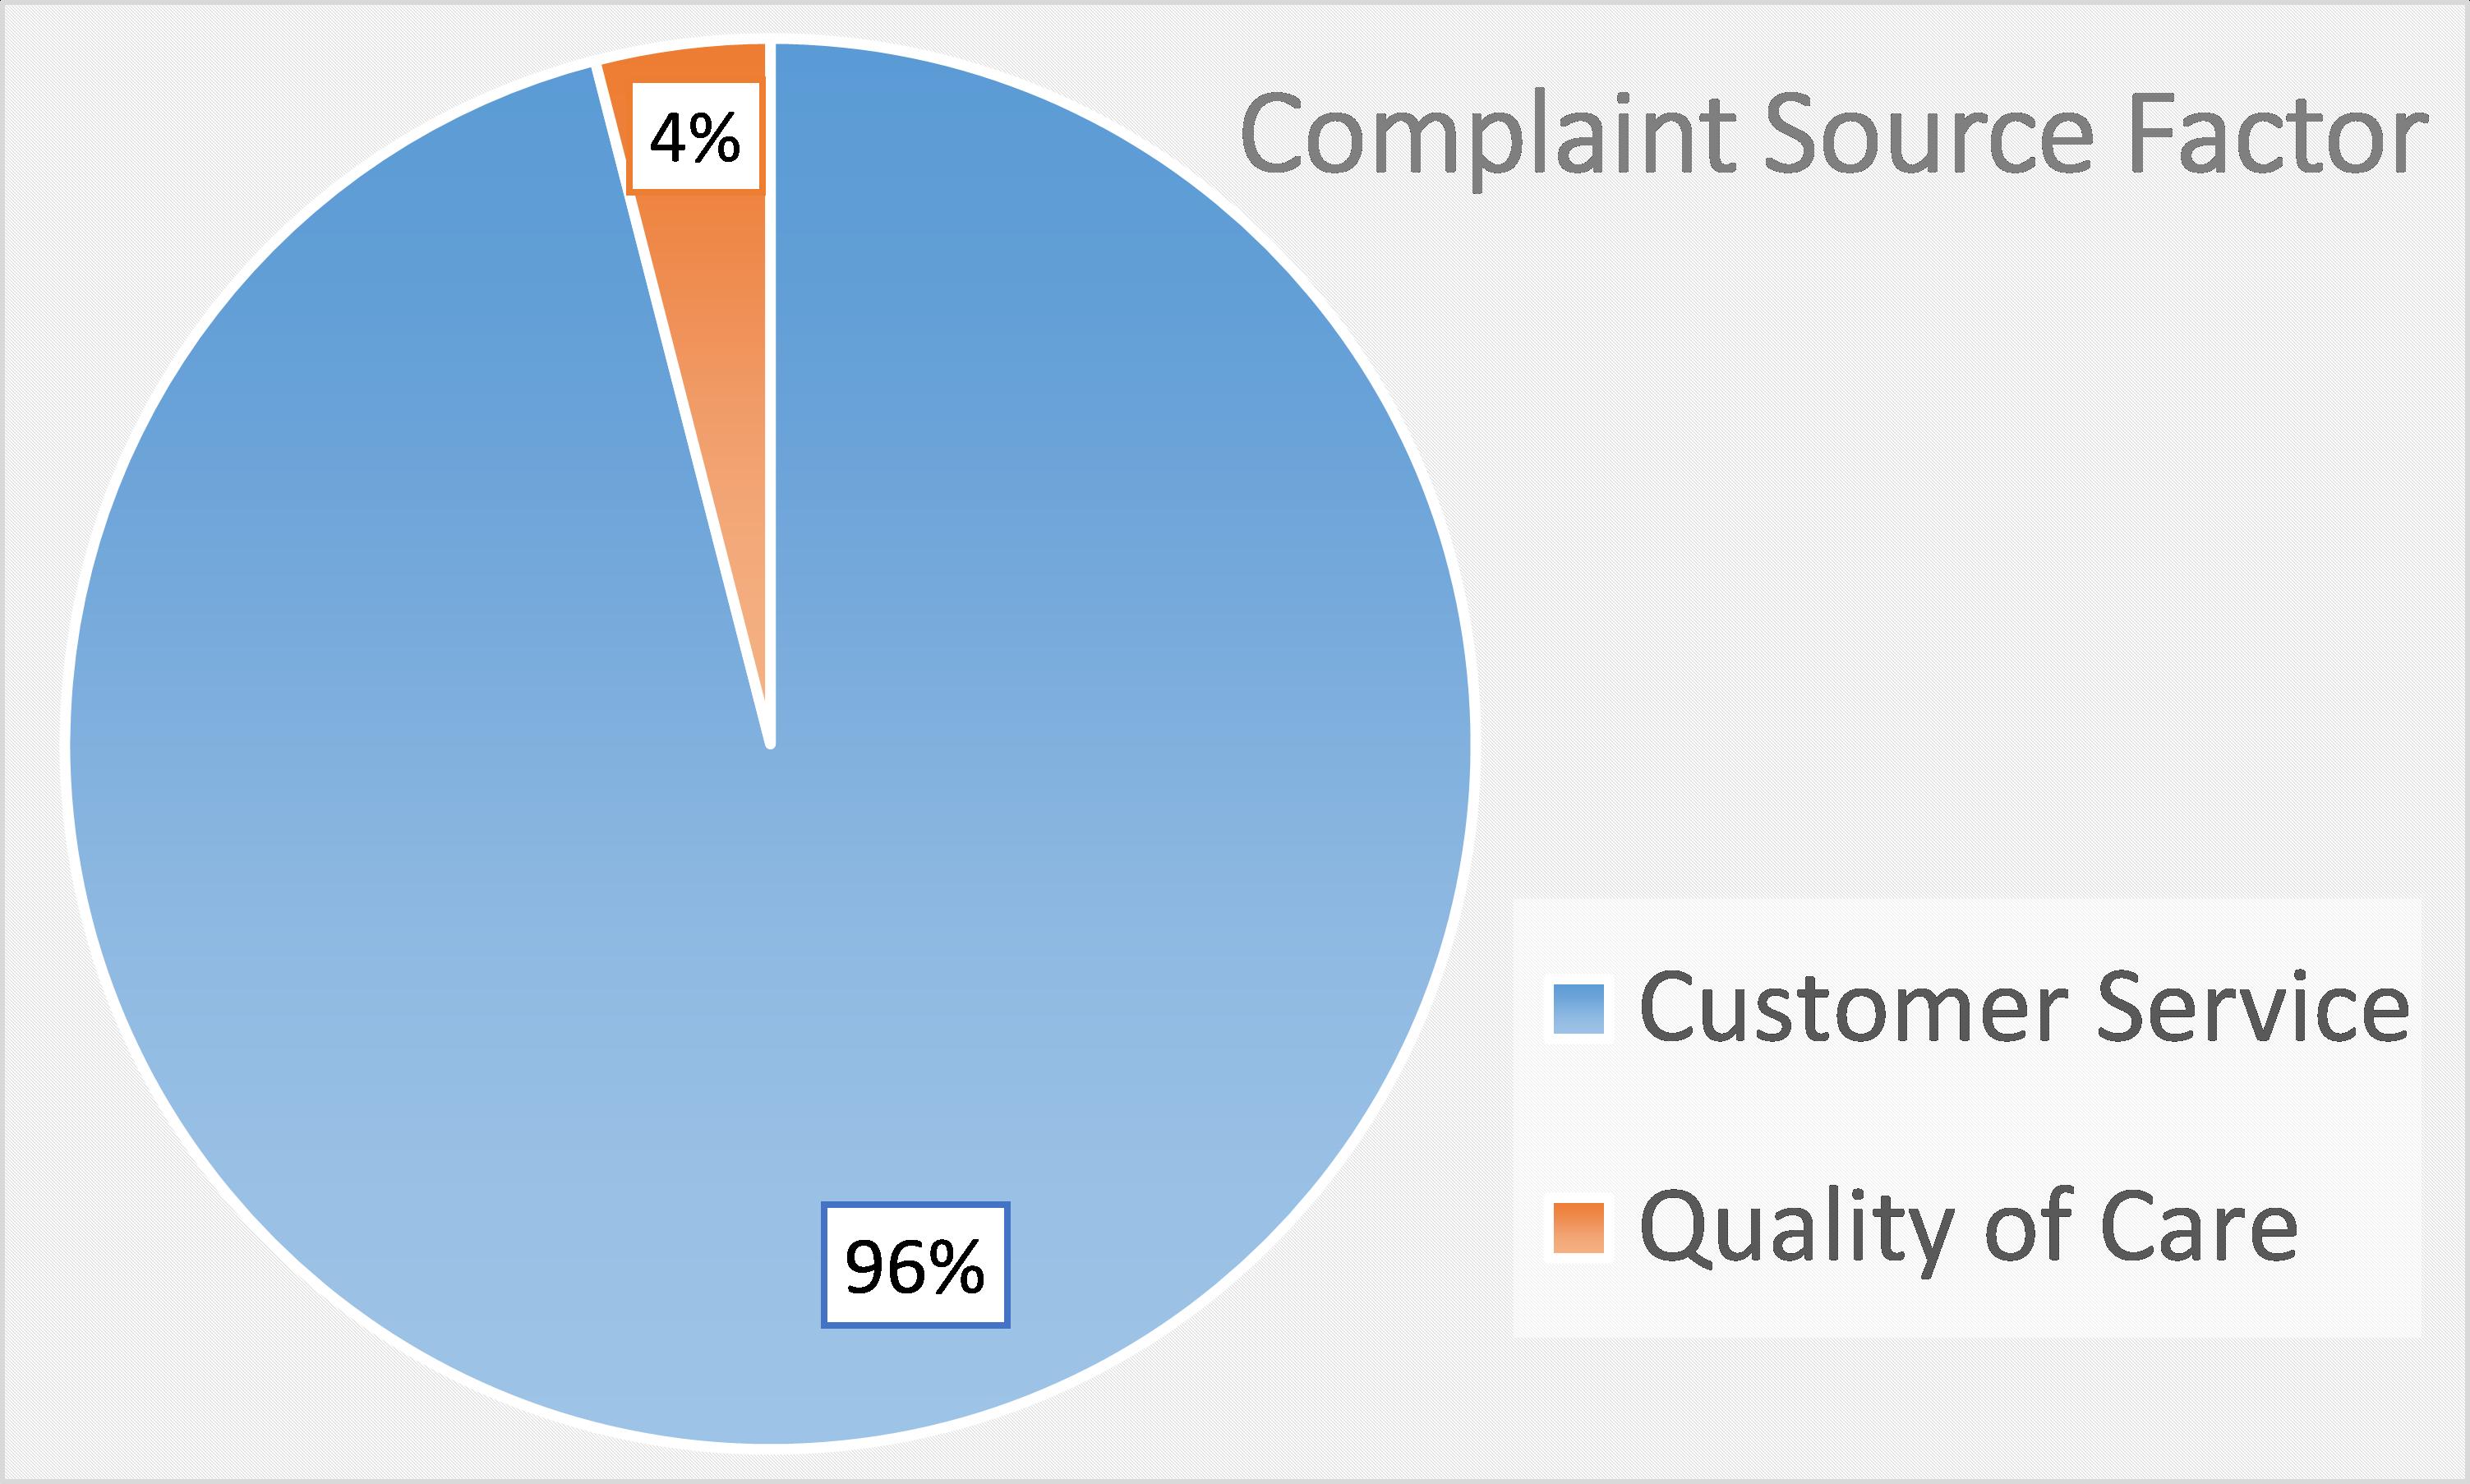 Complaint Factors